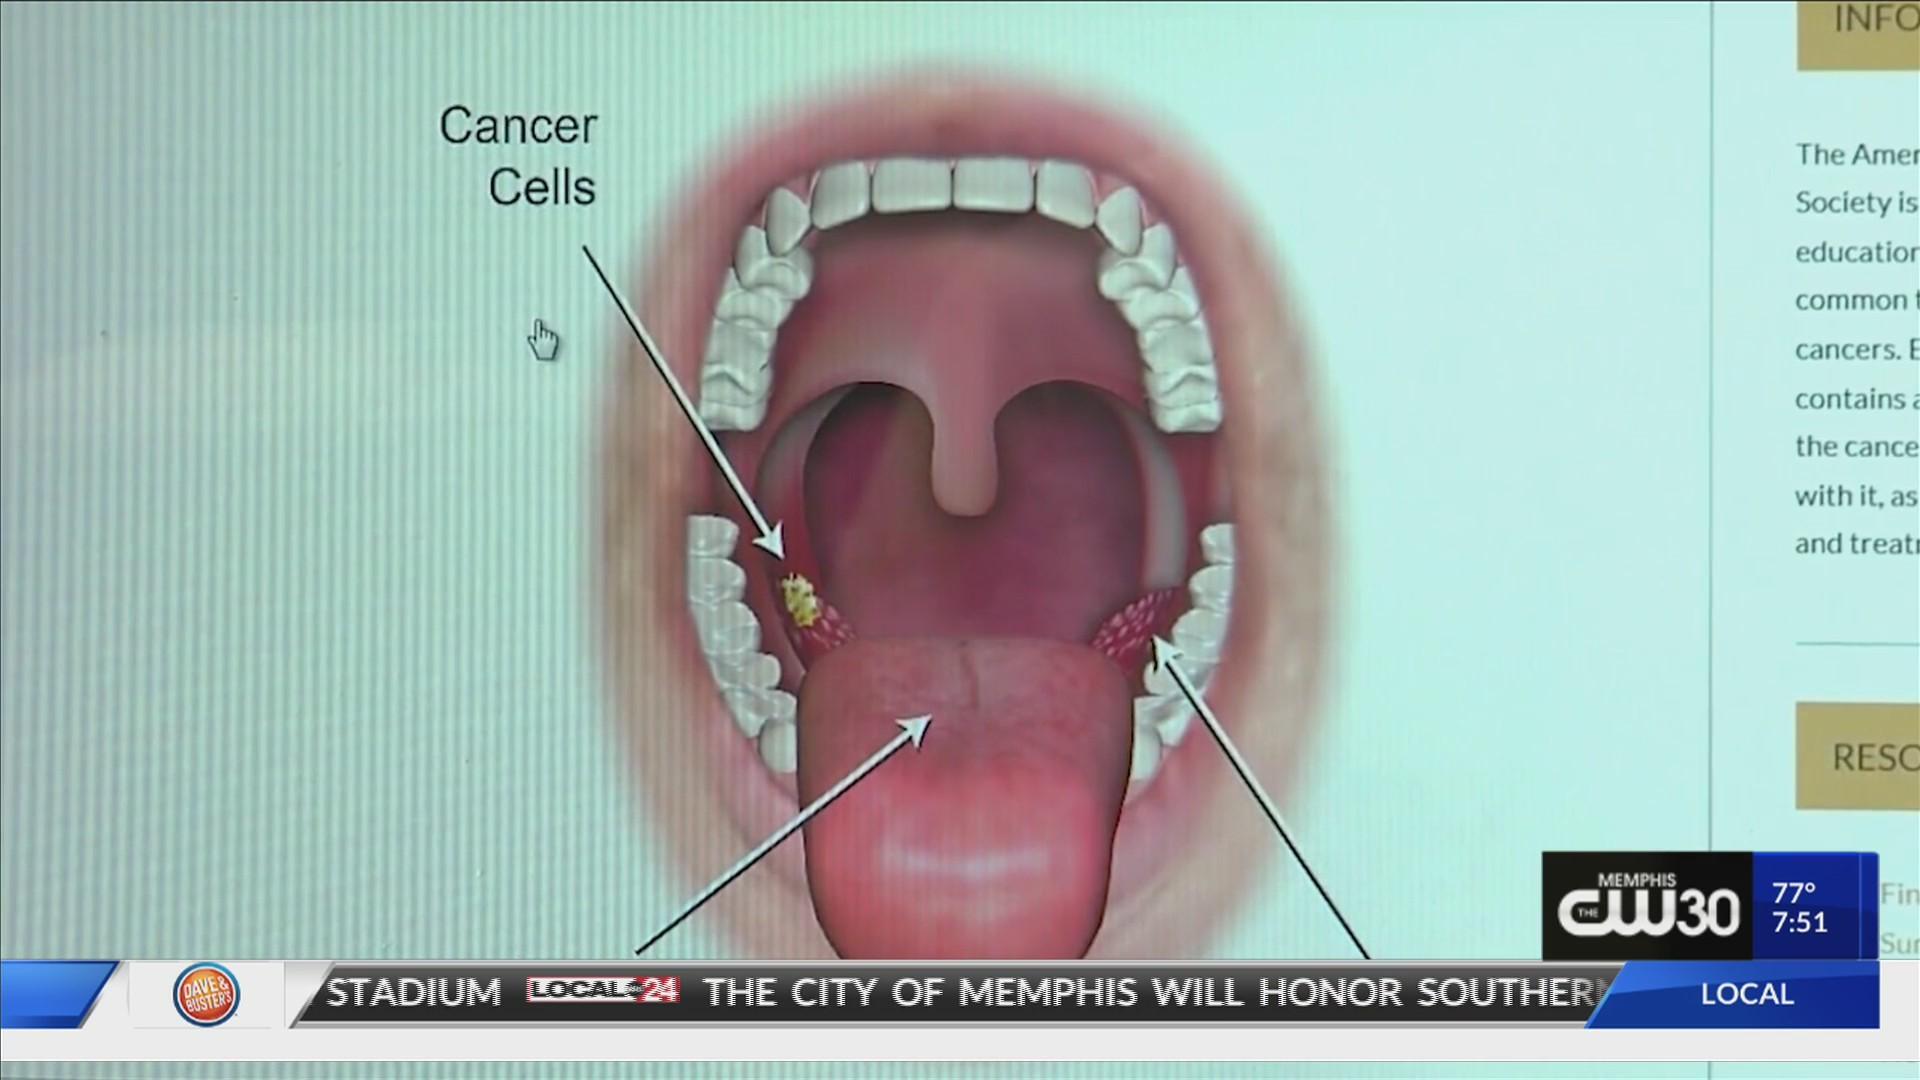 hhh   Cervical Cancer   Oral Sex - Hpv throat cancer and cervical cancer